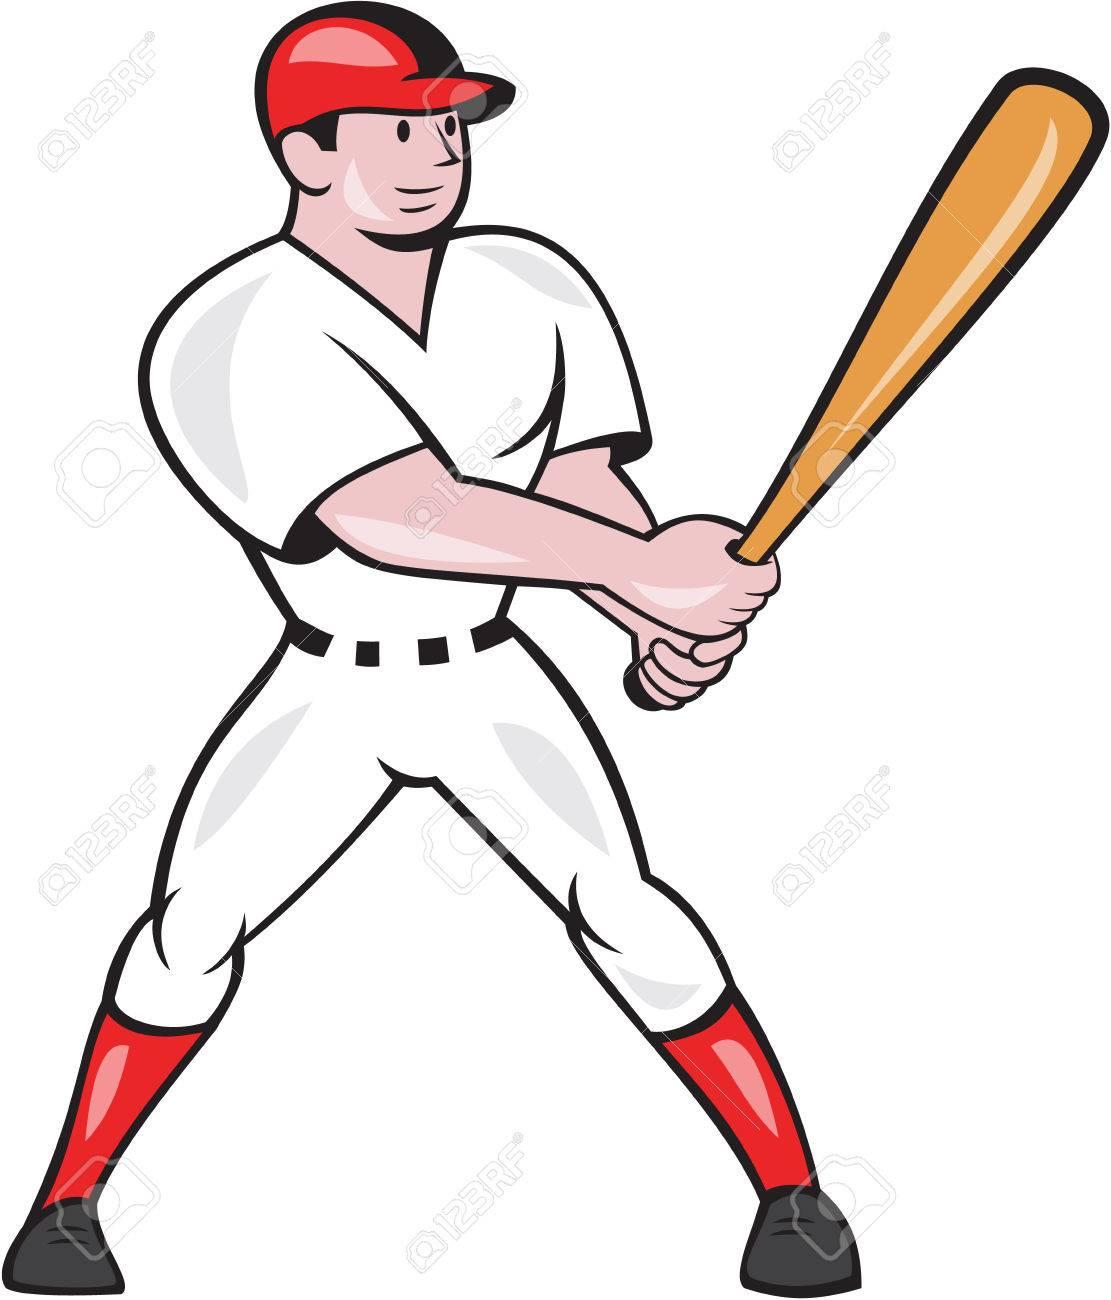 Illustration of an american baseball player batter hitter batting...